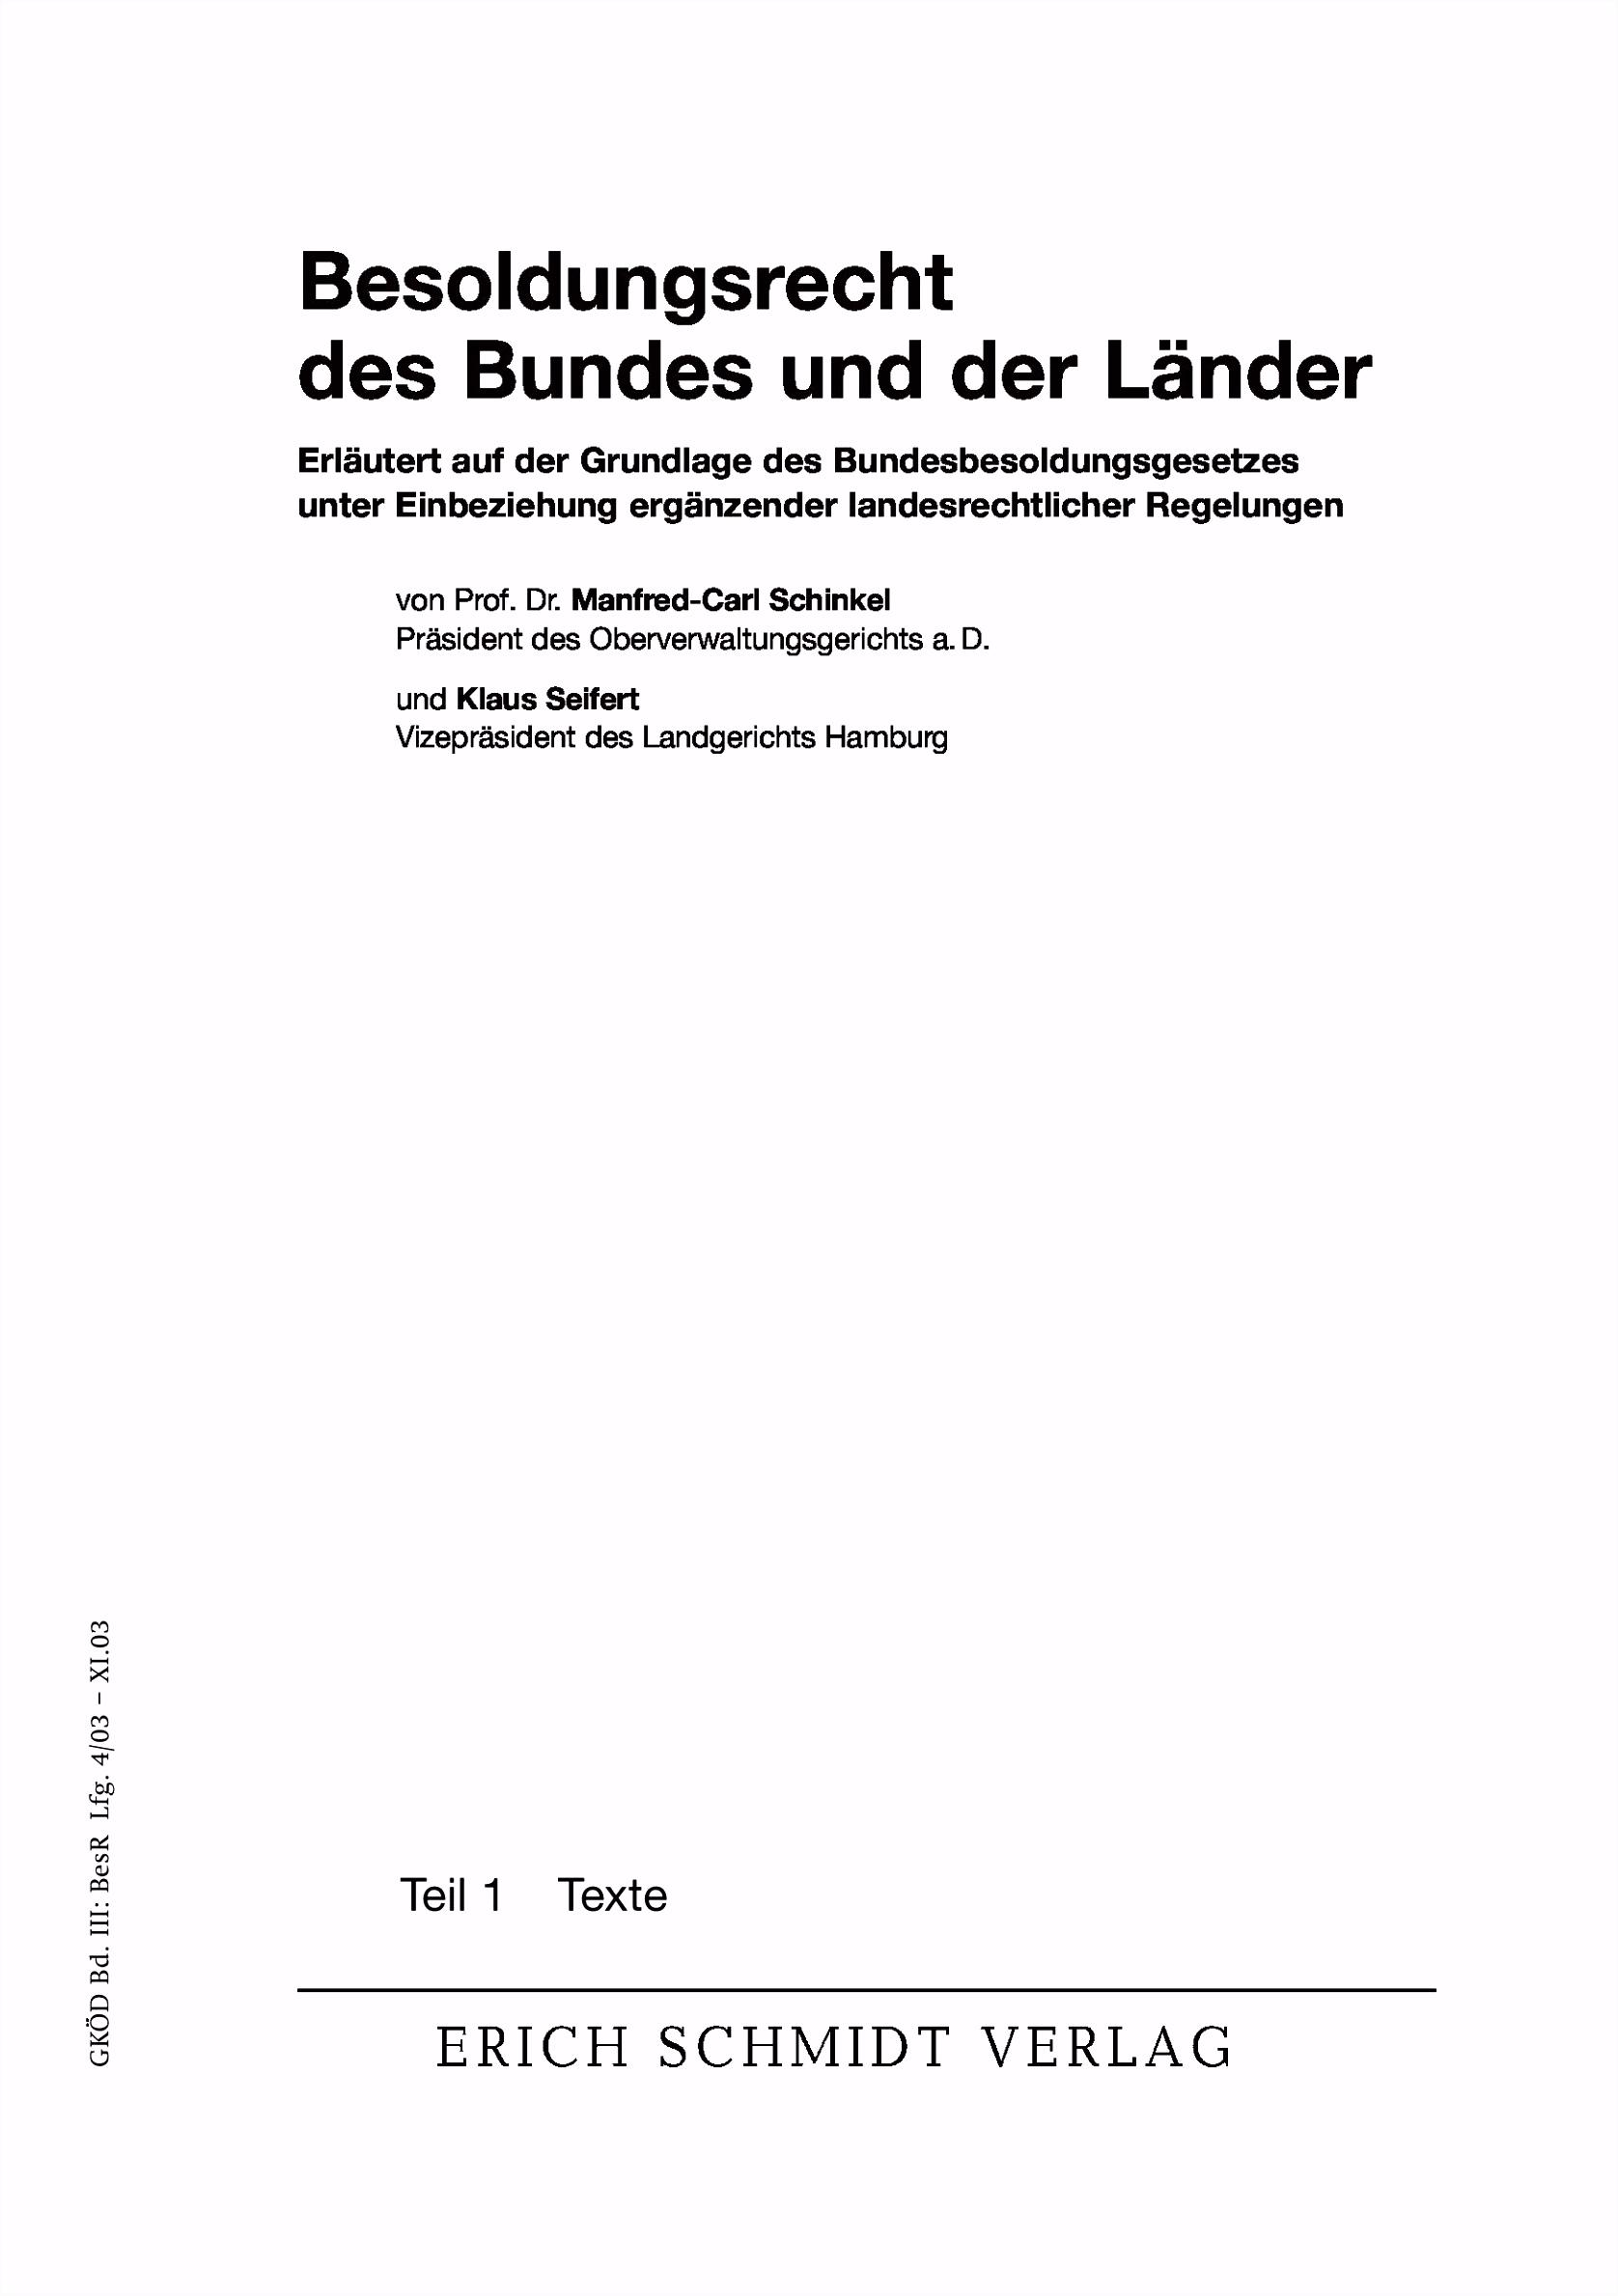 Systemisches Fragen Vorlagen Und Zubehoer H6ys99dhk2 Dhbhu4glbm